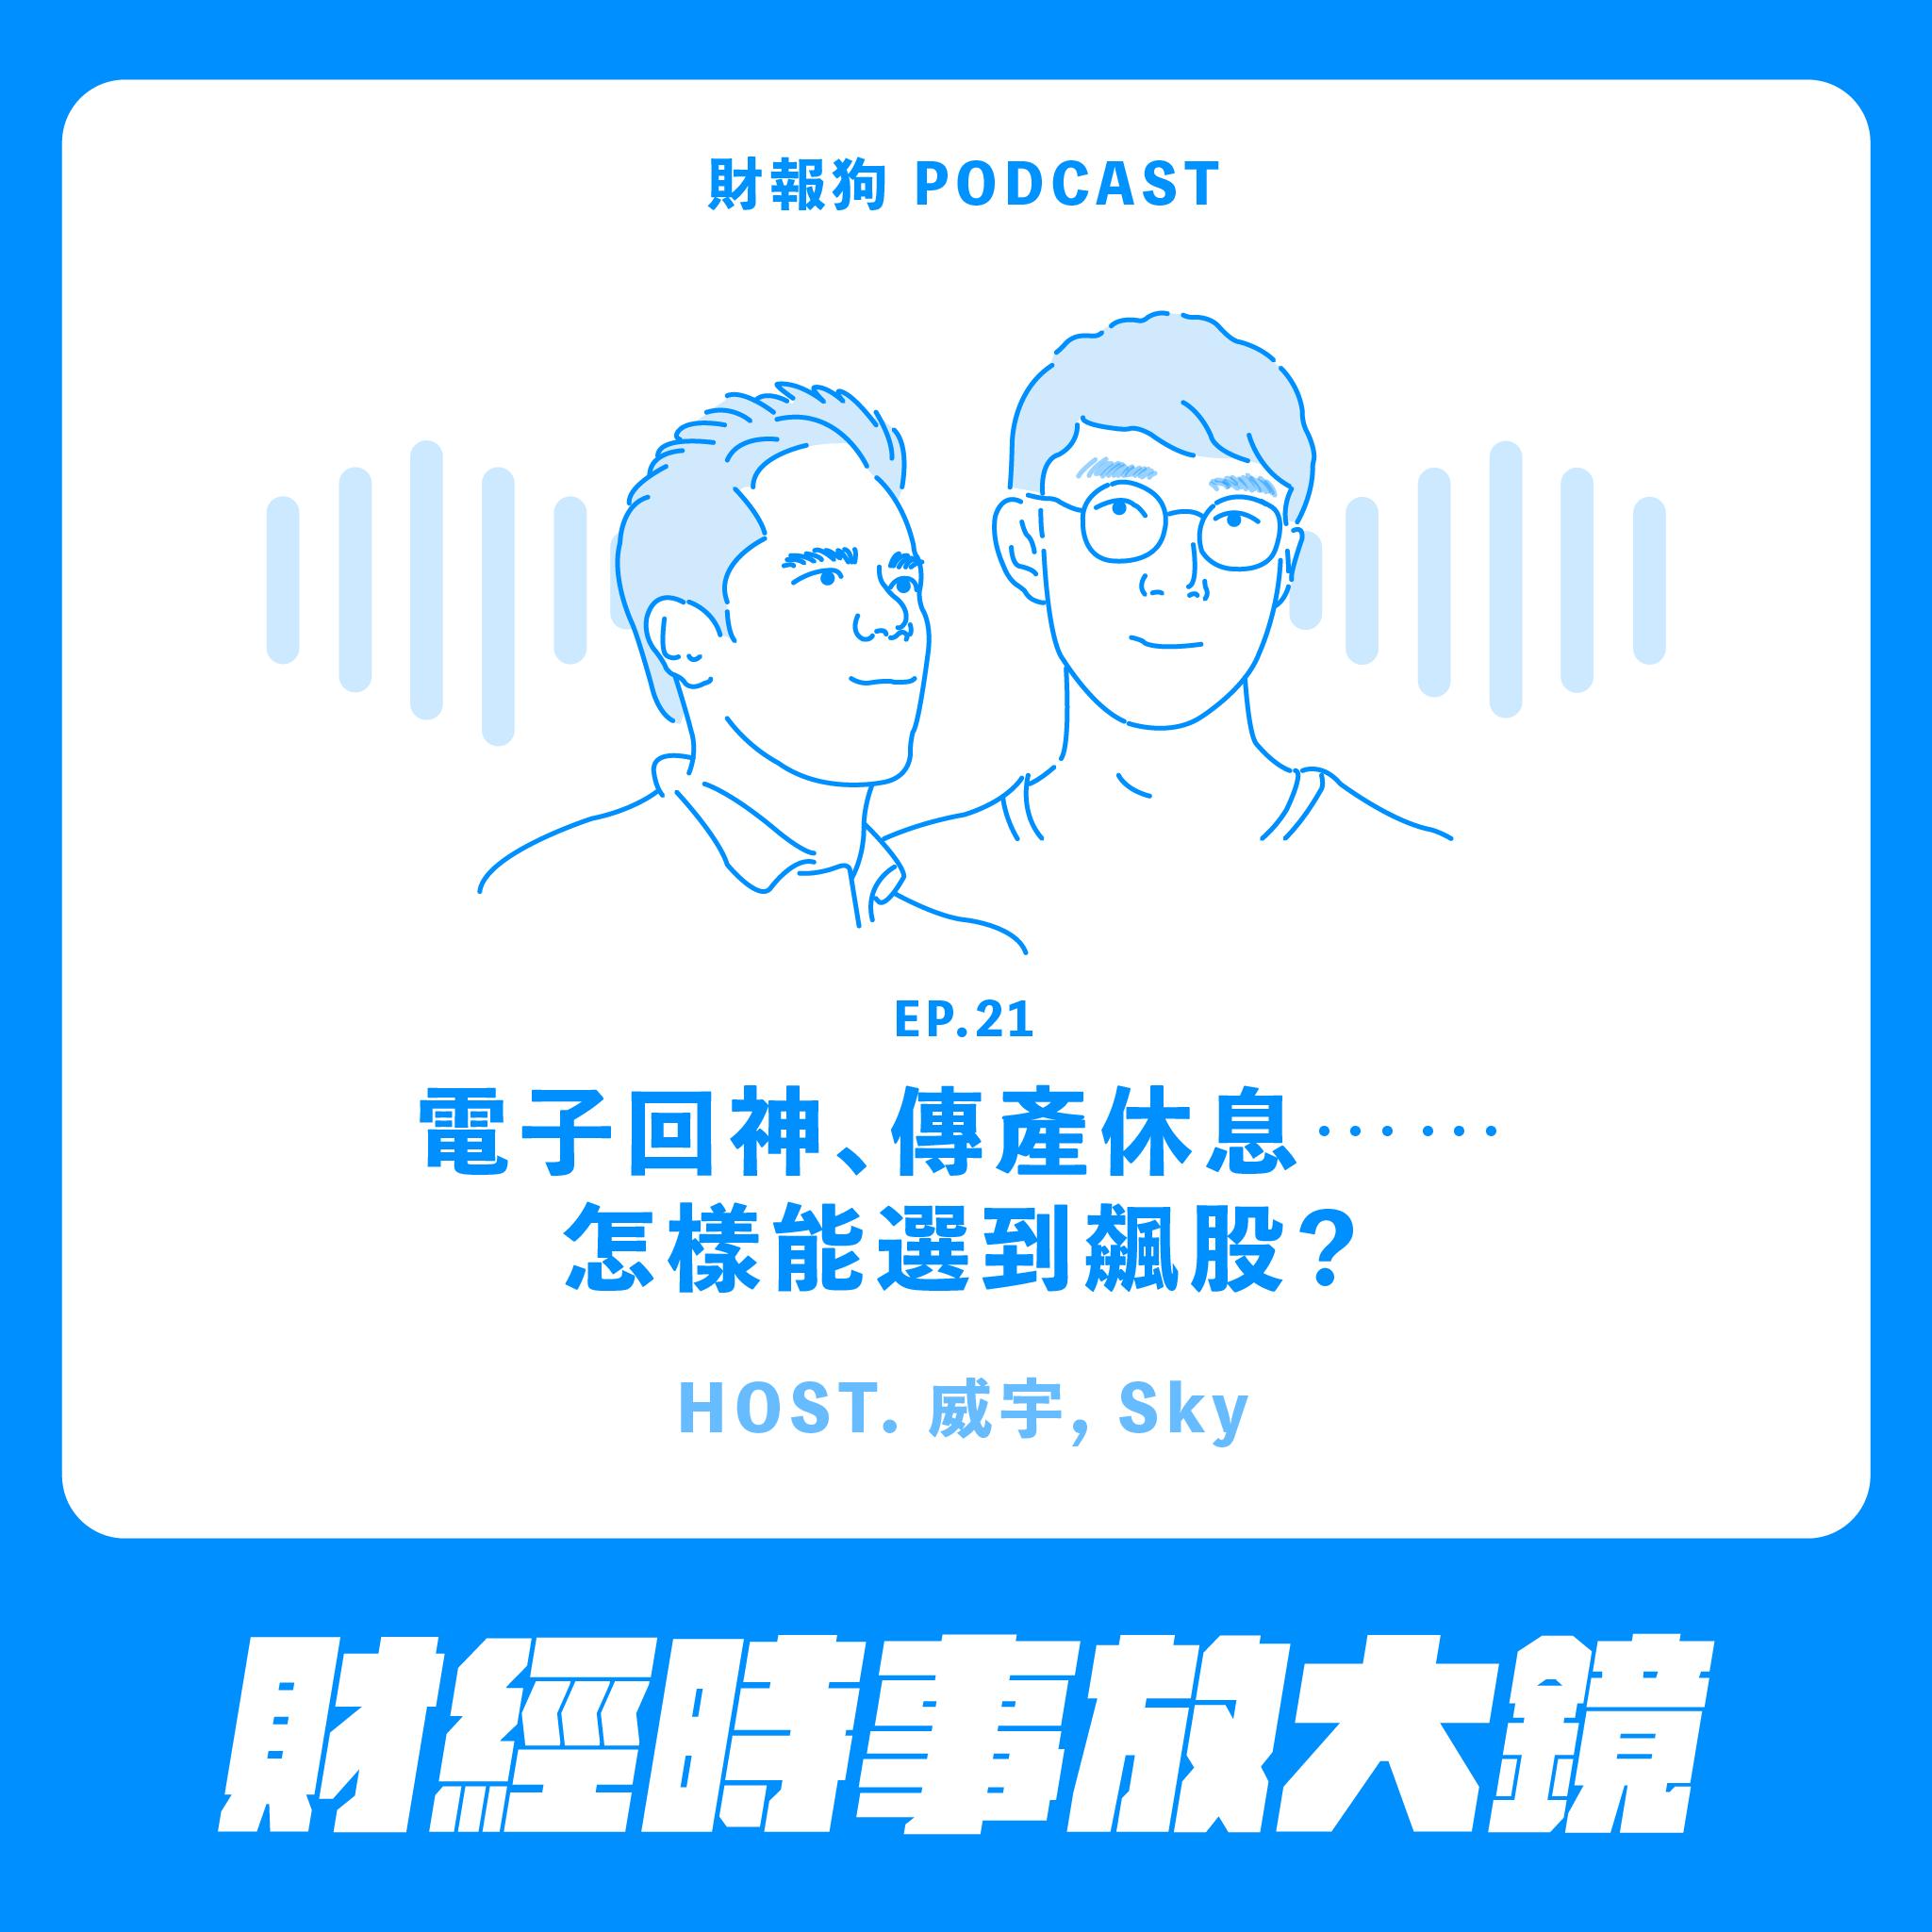 2020-06-11 財經時事放大鏡 - ep.21